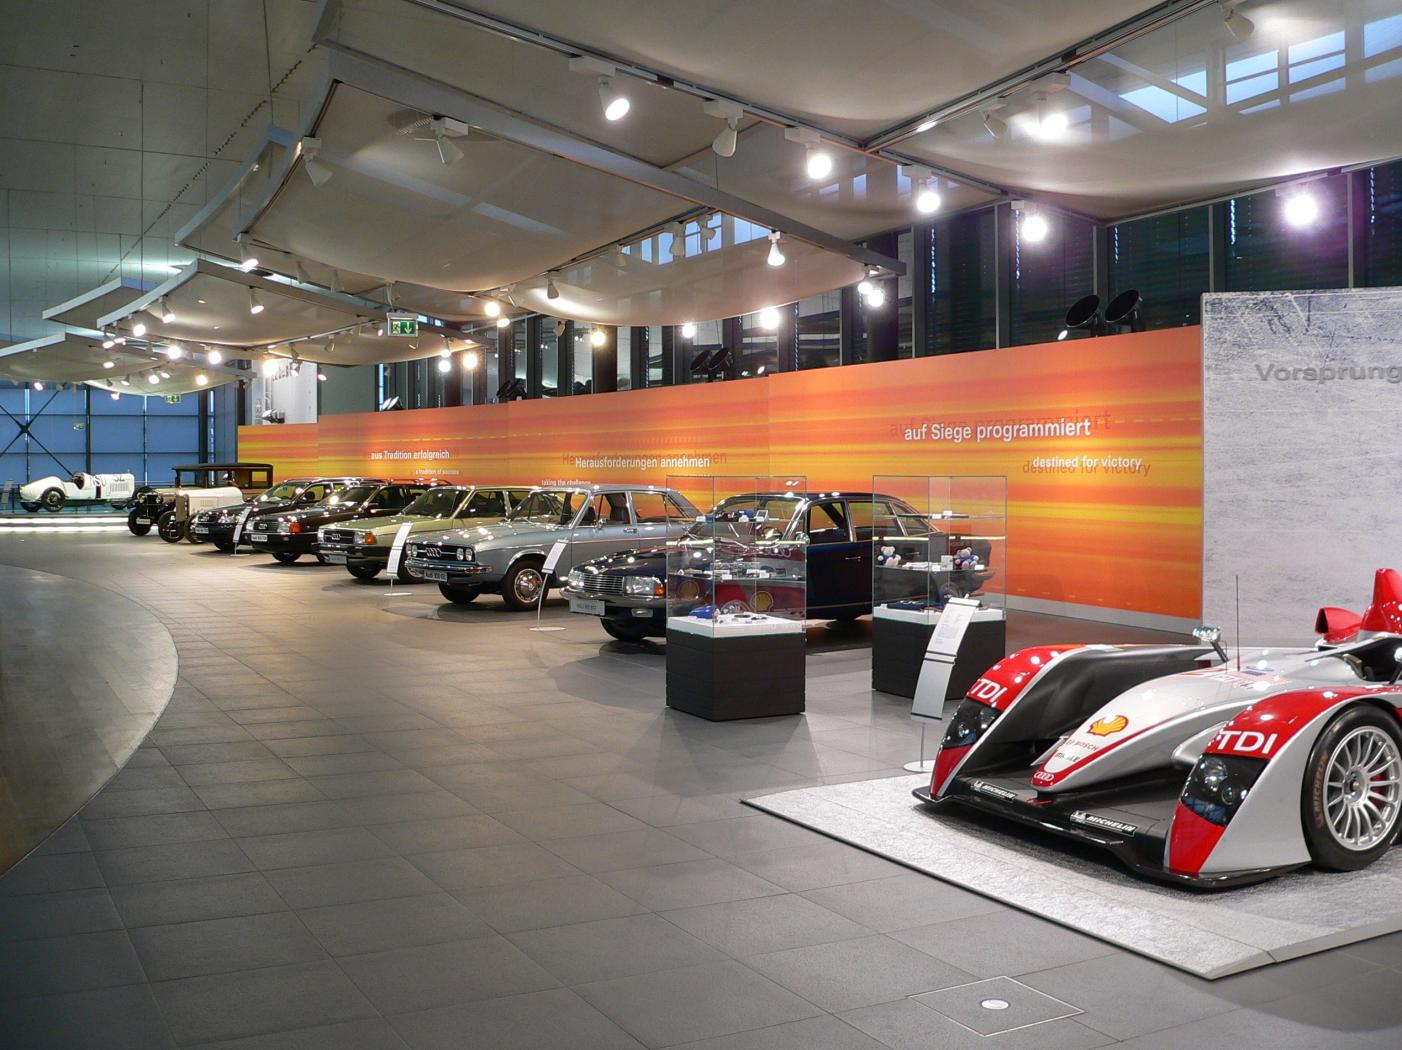 Forum-Audi-Neckarsulm-3